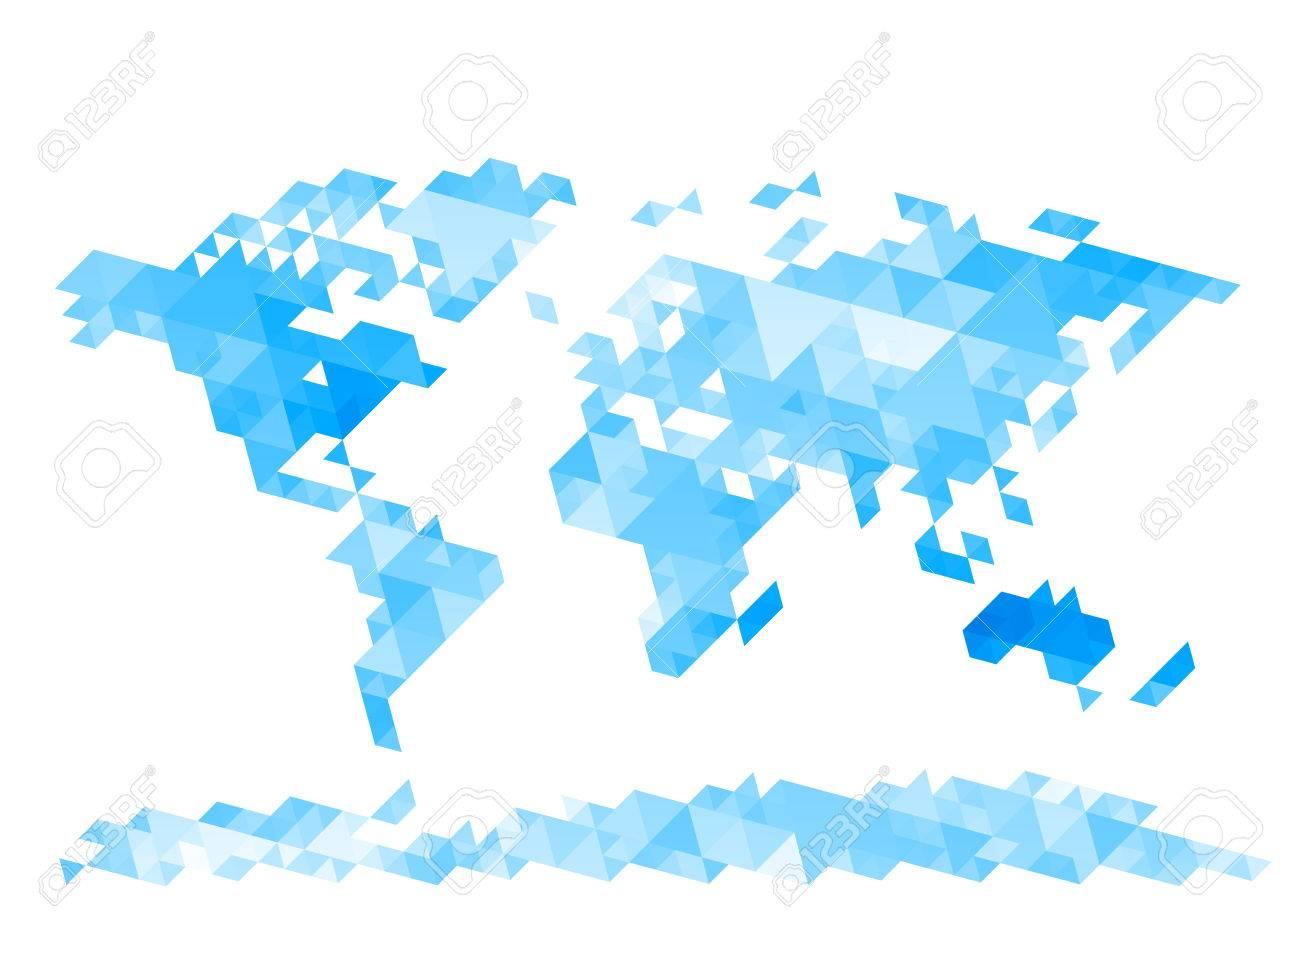 世界地図の三角形から成るeps8rgbレイヤーが主催グローバル